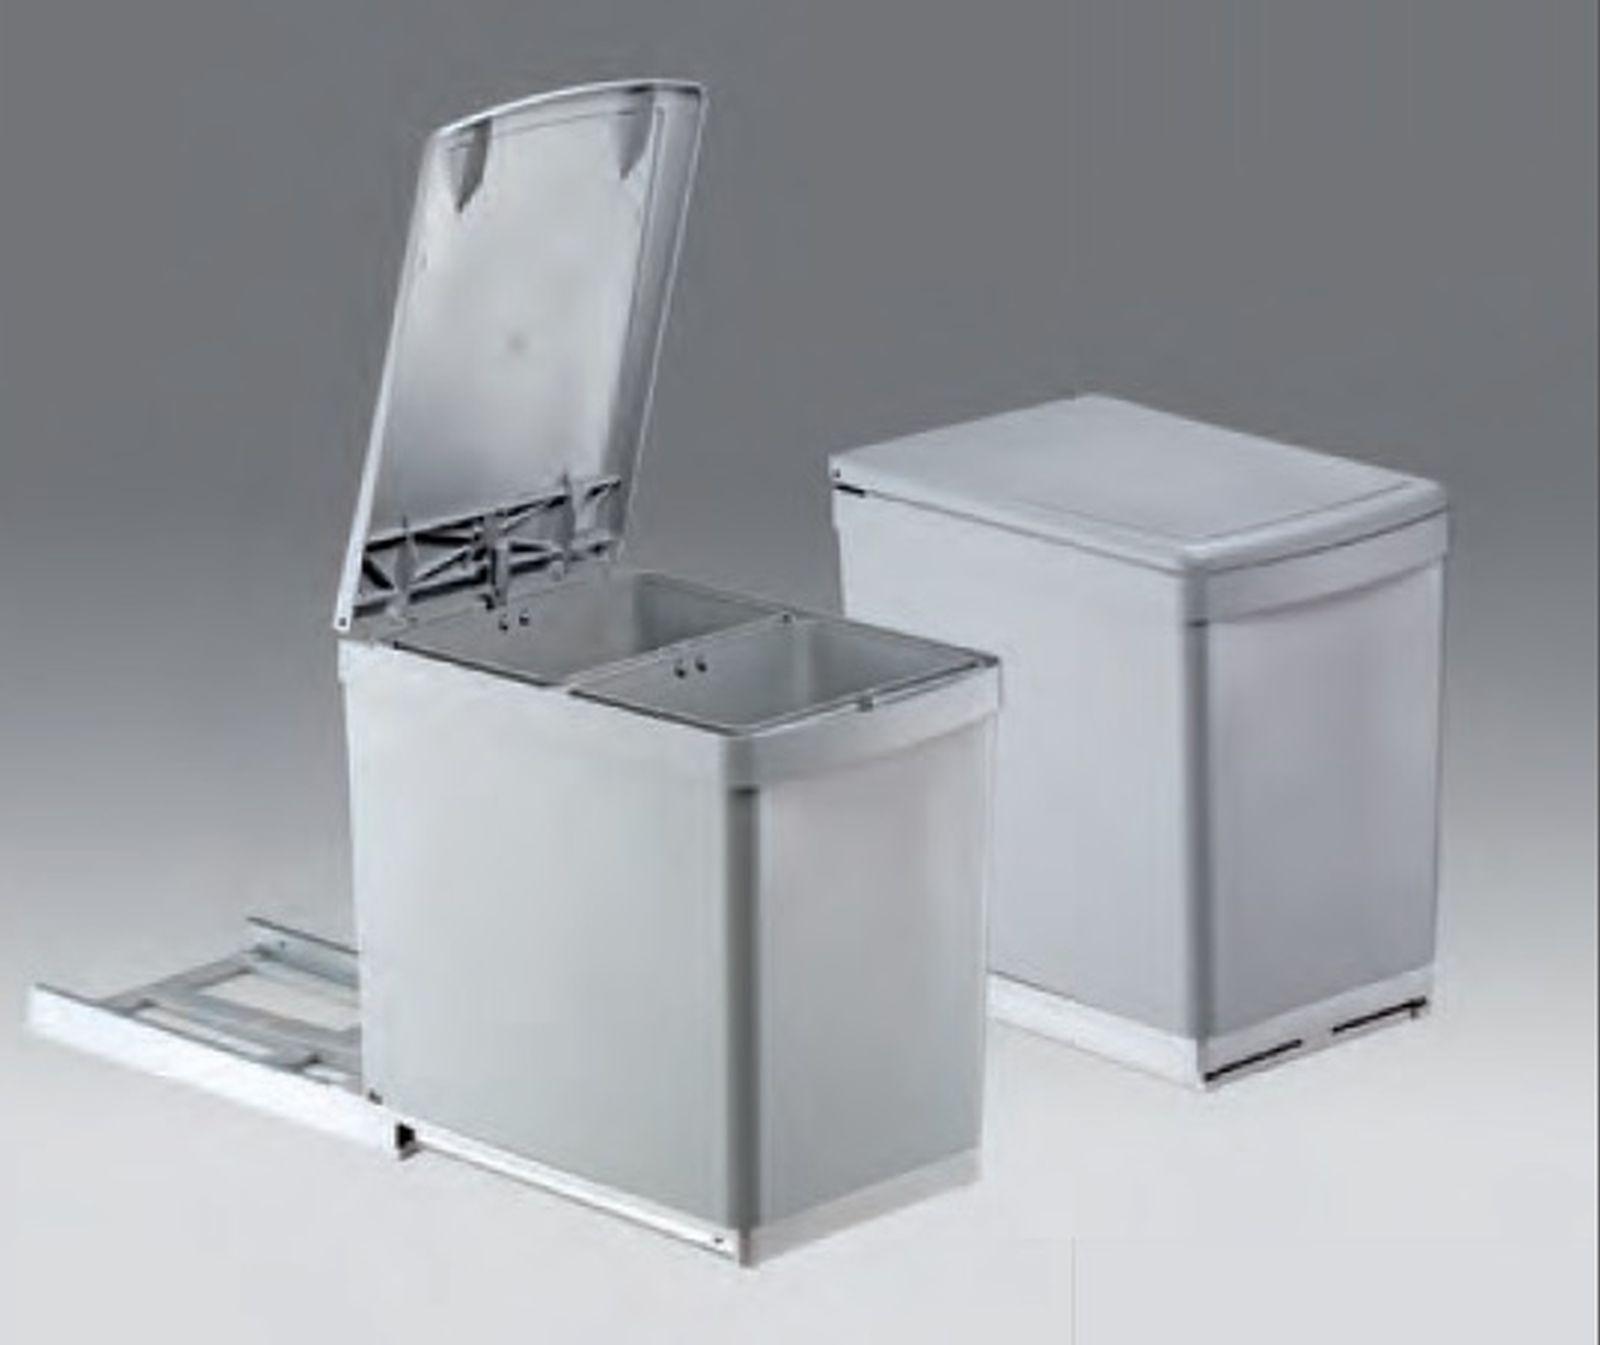 wesco Öko 1 abfalleimer küche 1x 19 liter mülleimer